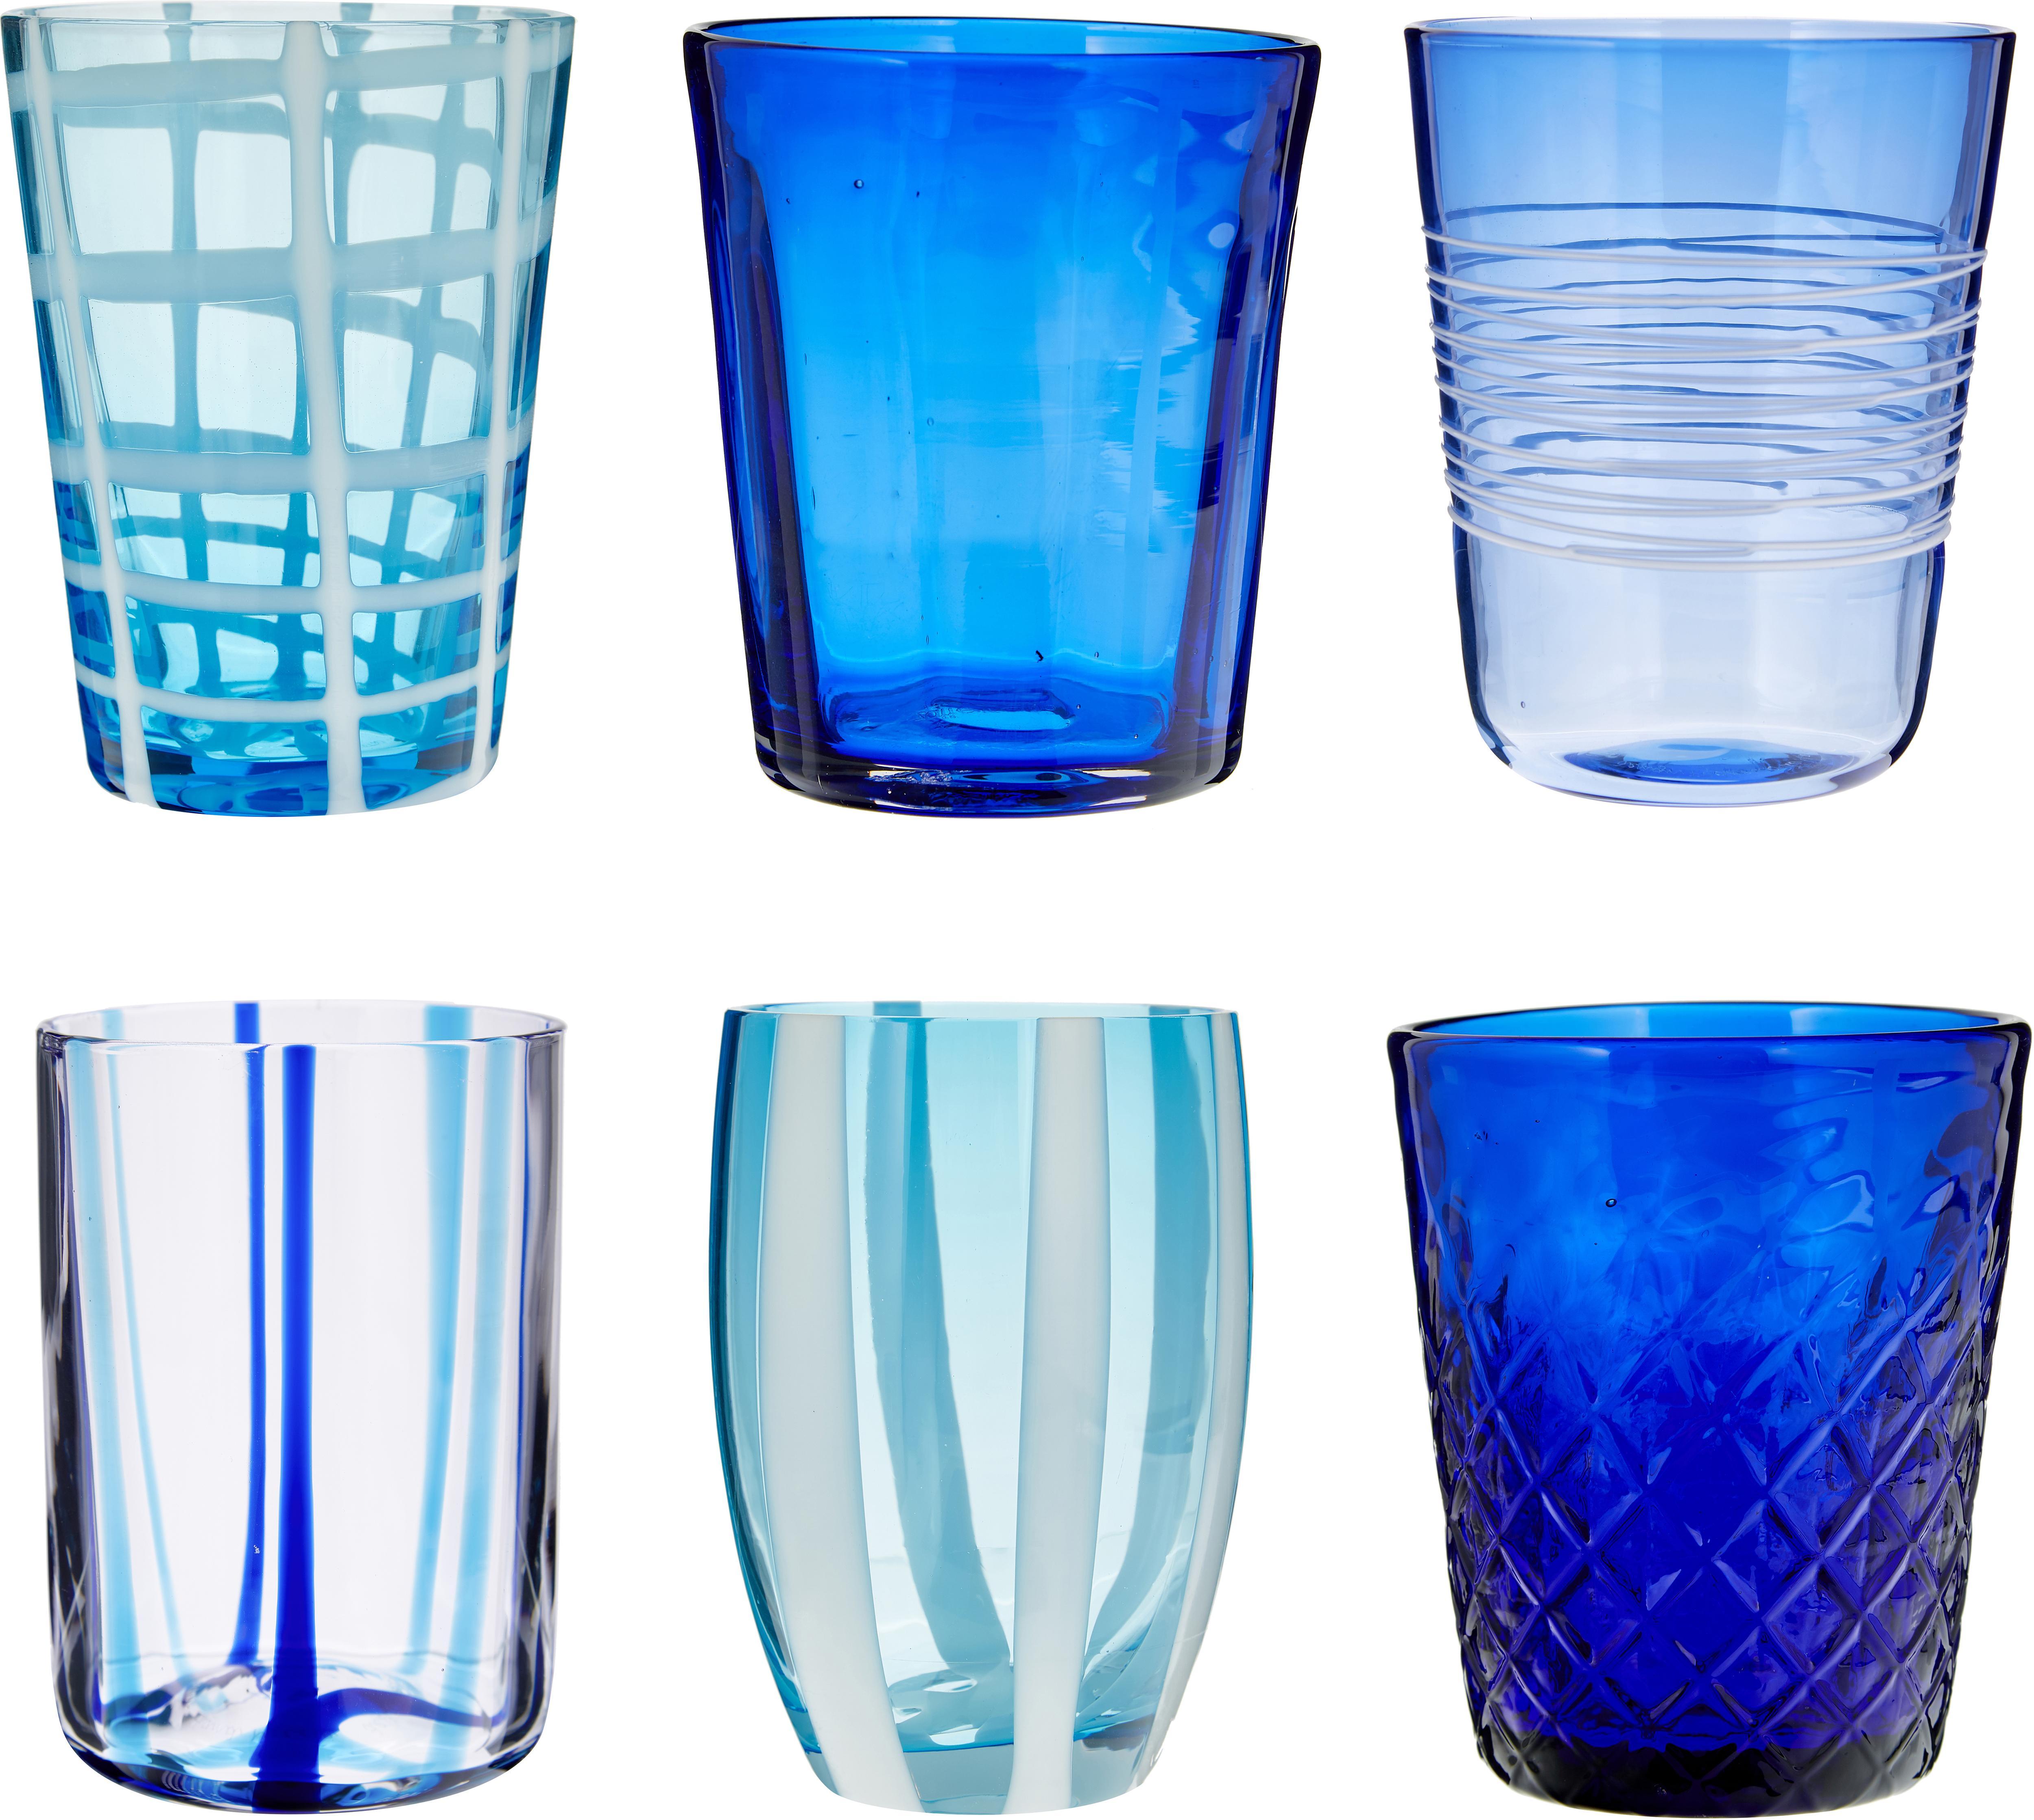 Mundgeblasene Wassergläser Melting Pot Sea in Blautönen, 6er-Set, Glas, Blautöne, Transparent, Verschiedene Grössen